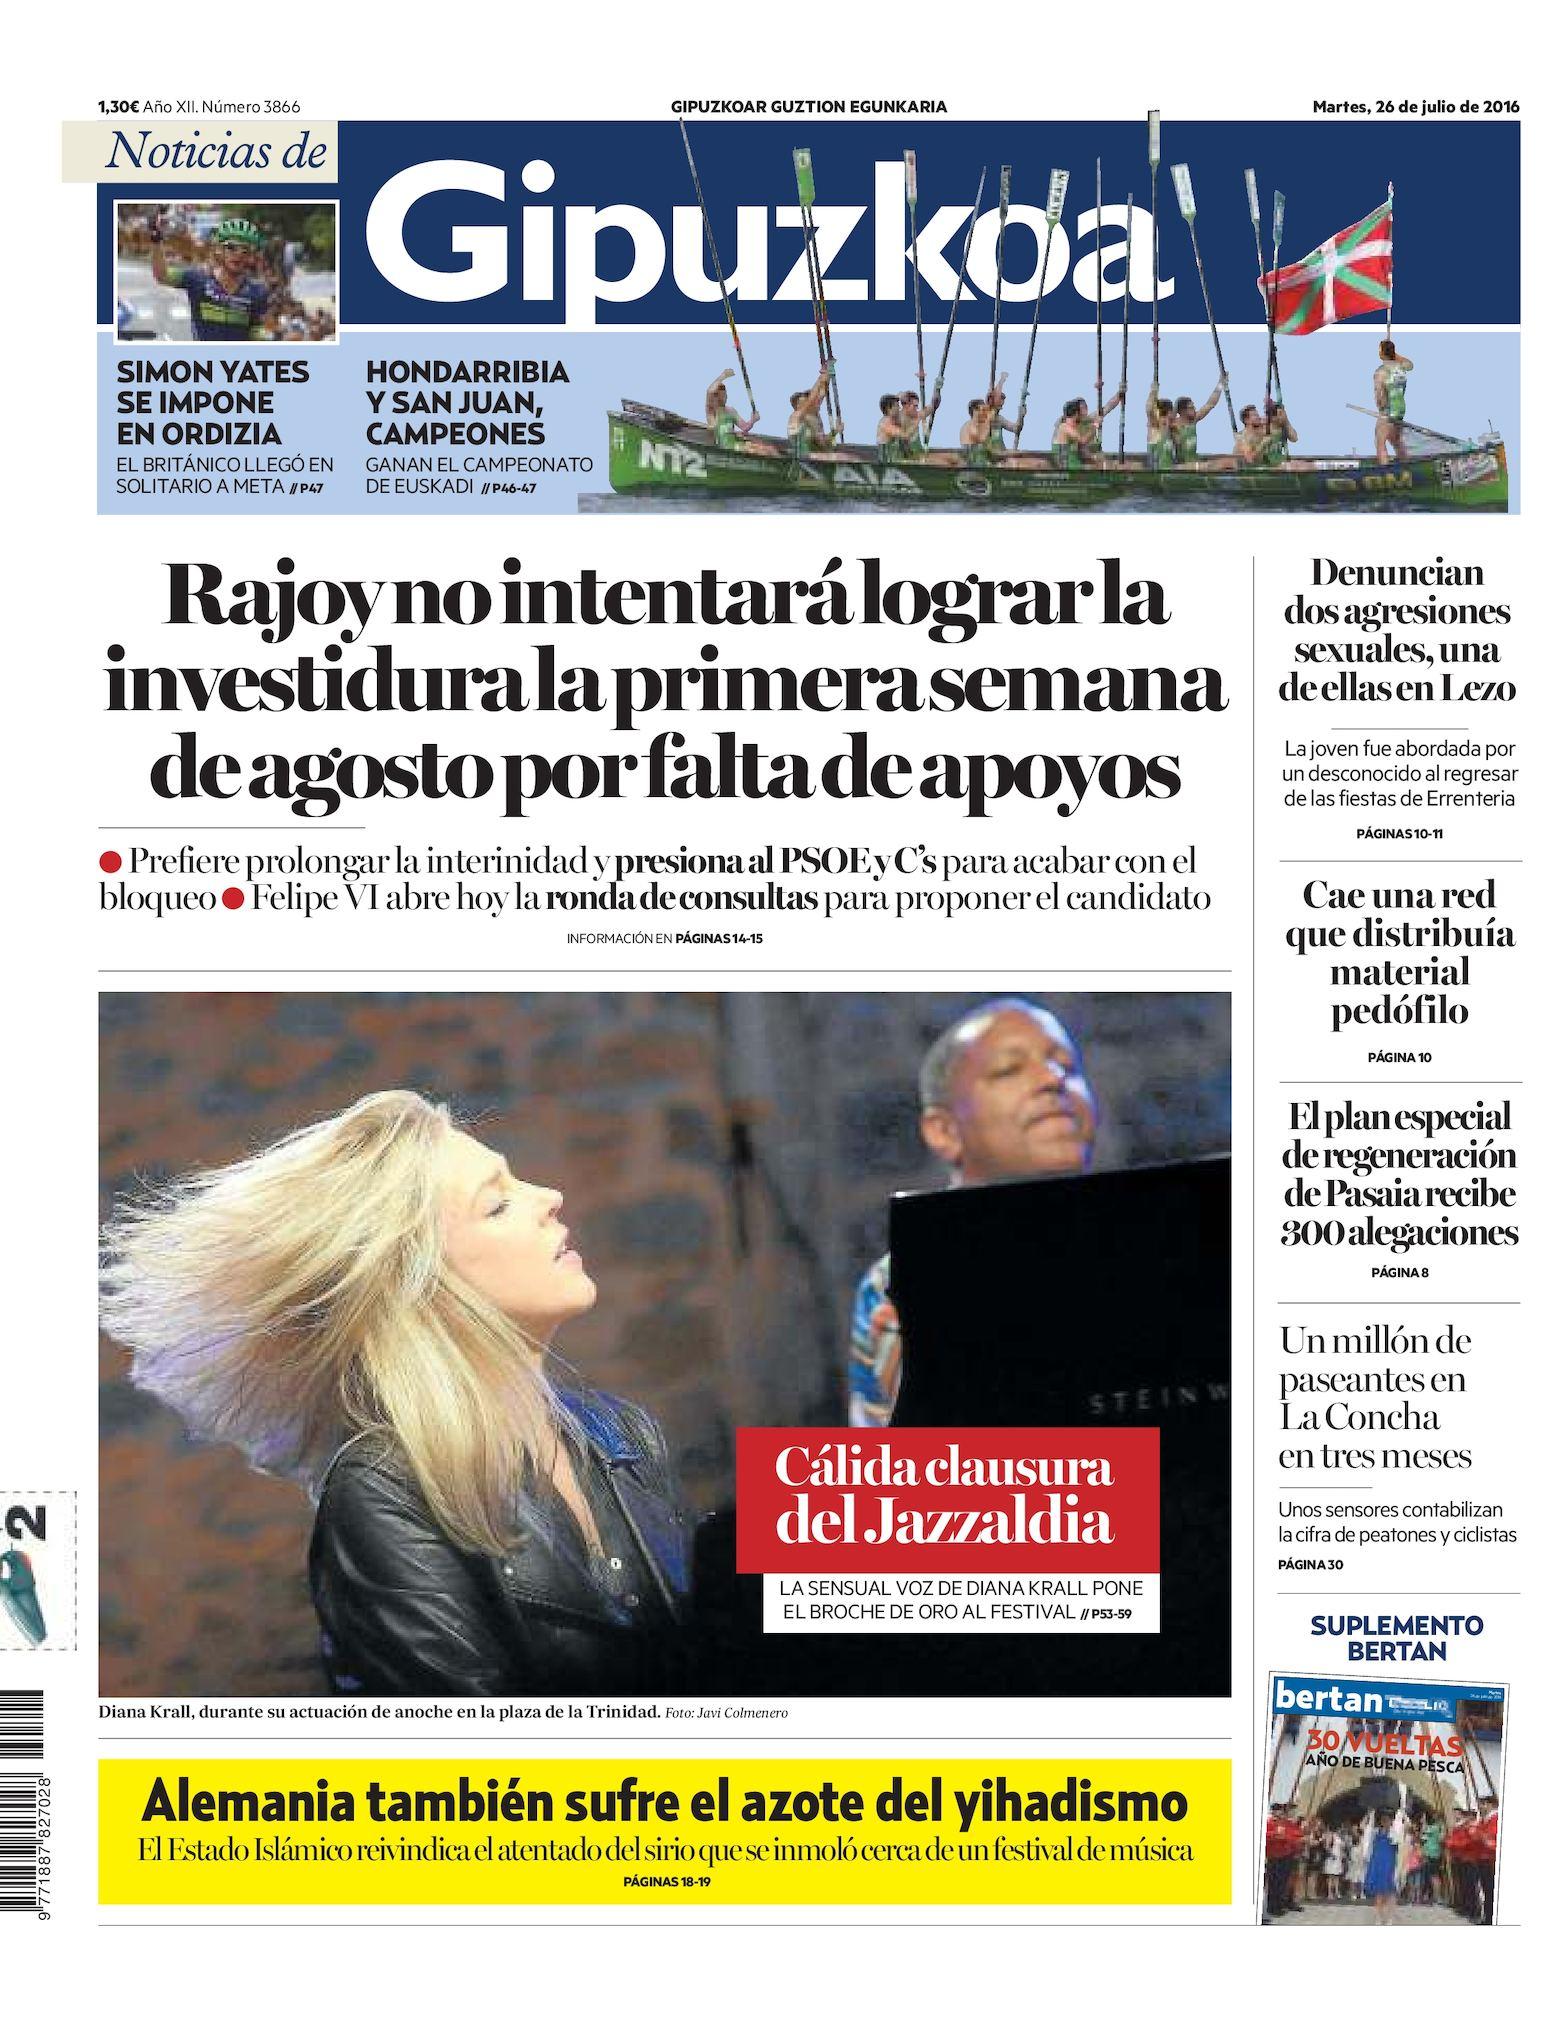 Calaméo - Noticias de Gipuzkoa 20160726